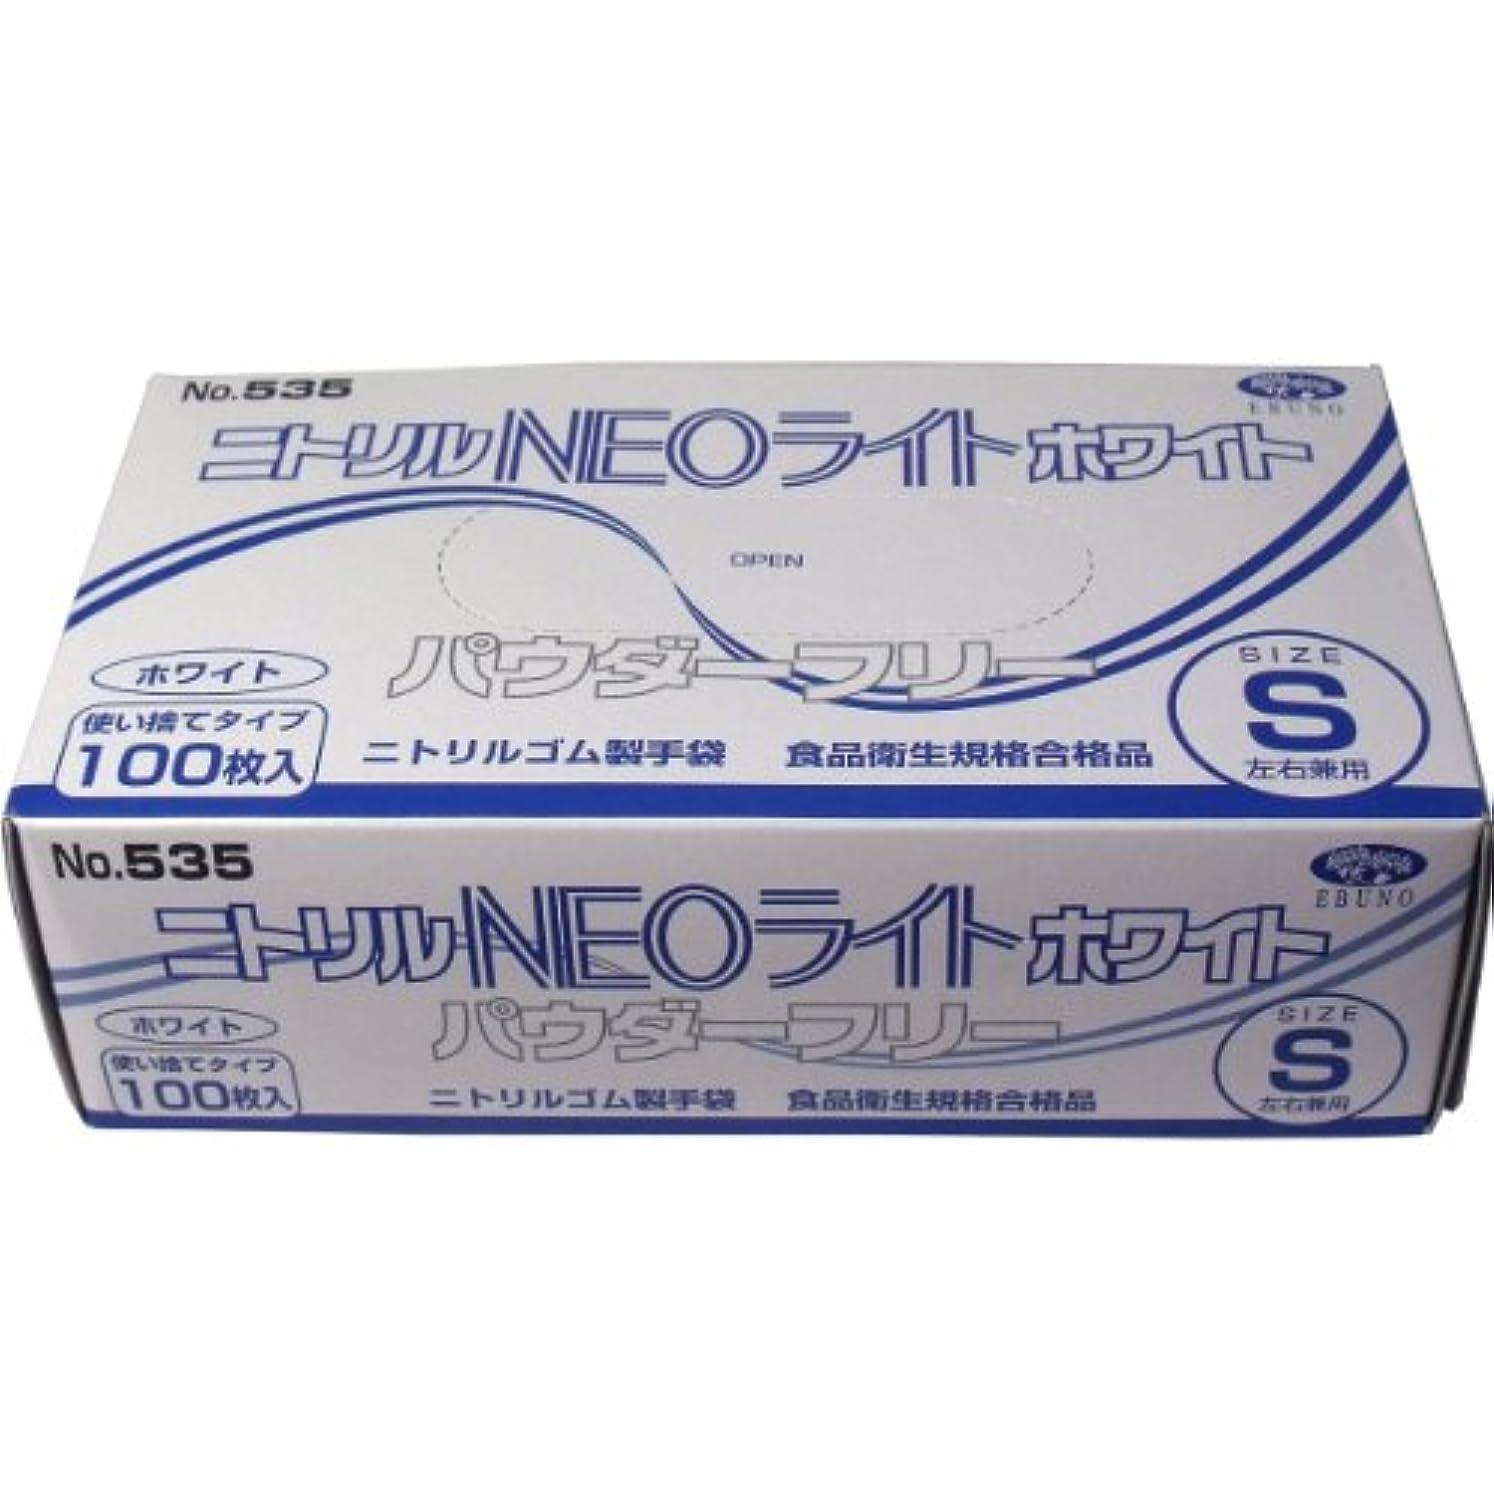 リスクブリード傘エブノ No.535 ニトリル手袋 ネオライト パウダーフリー ホワイト Sサイズ 100枚入